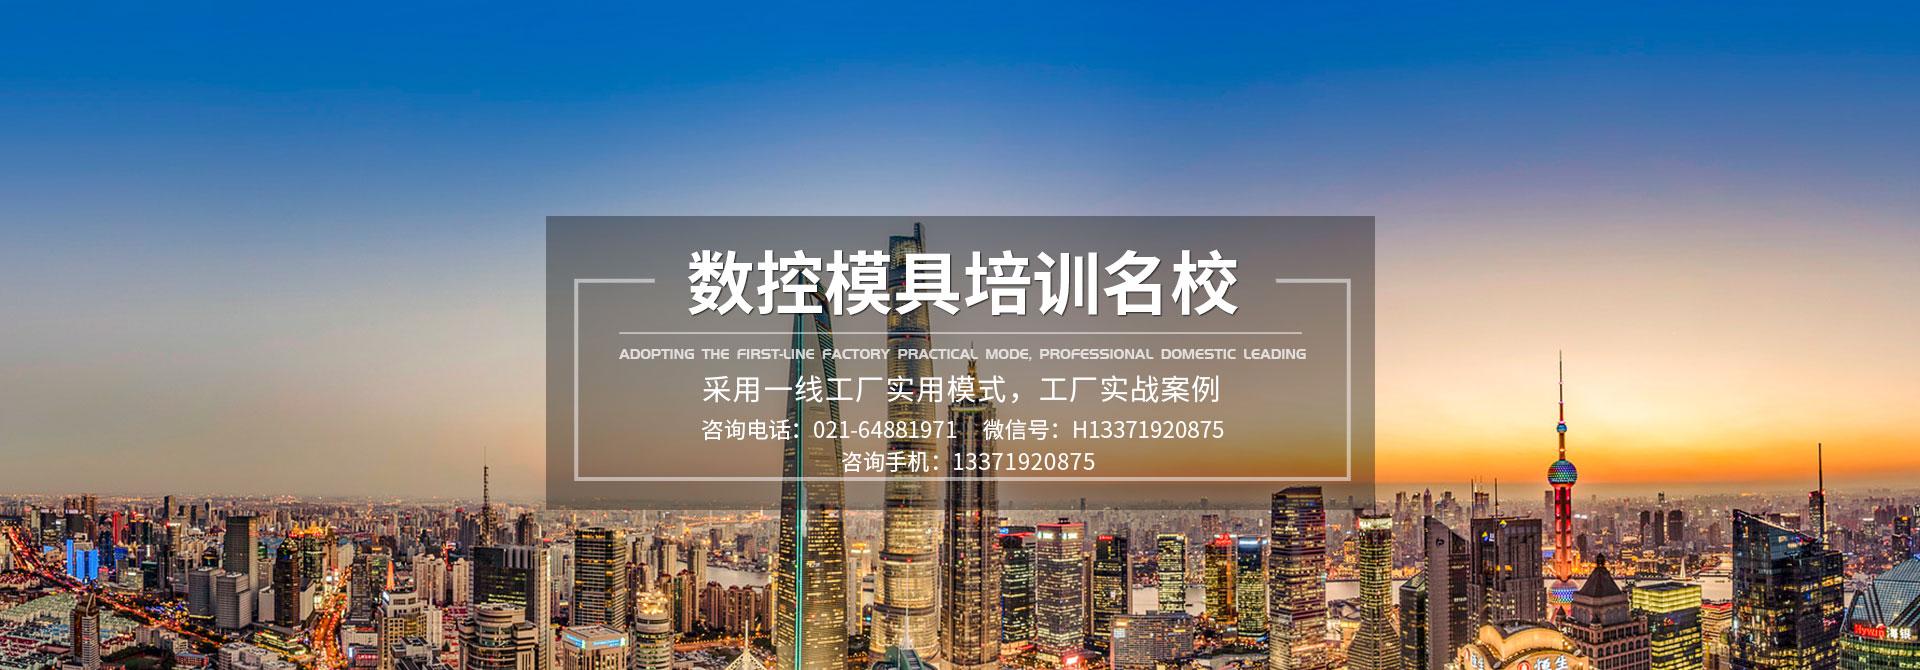 上海胜鼎数控科技有限公司